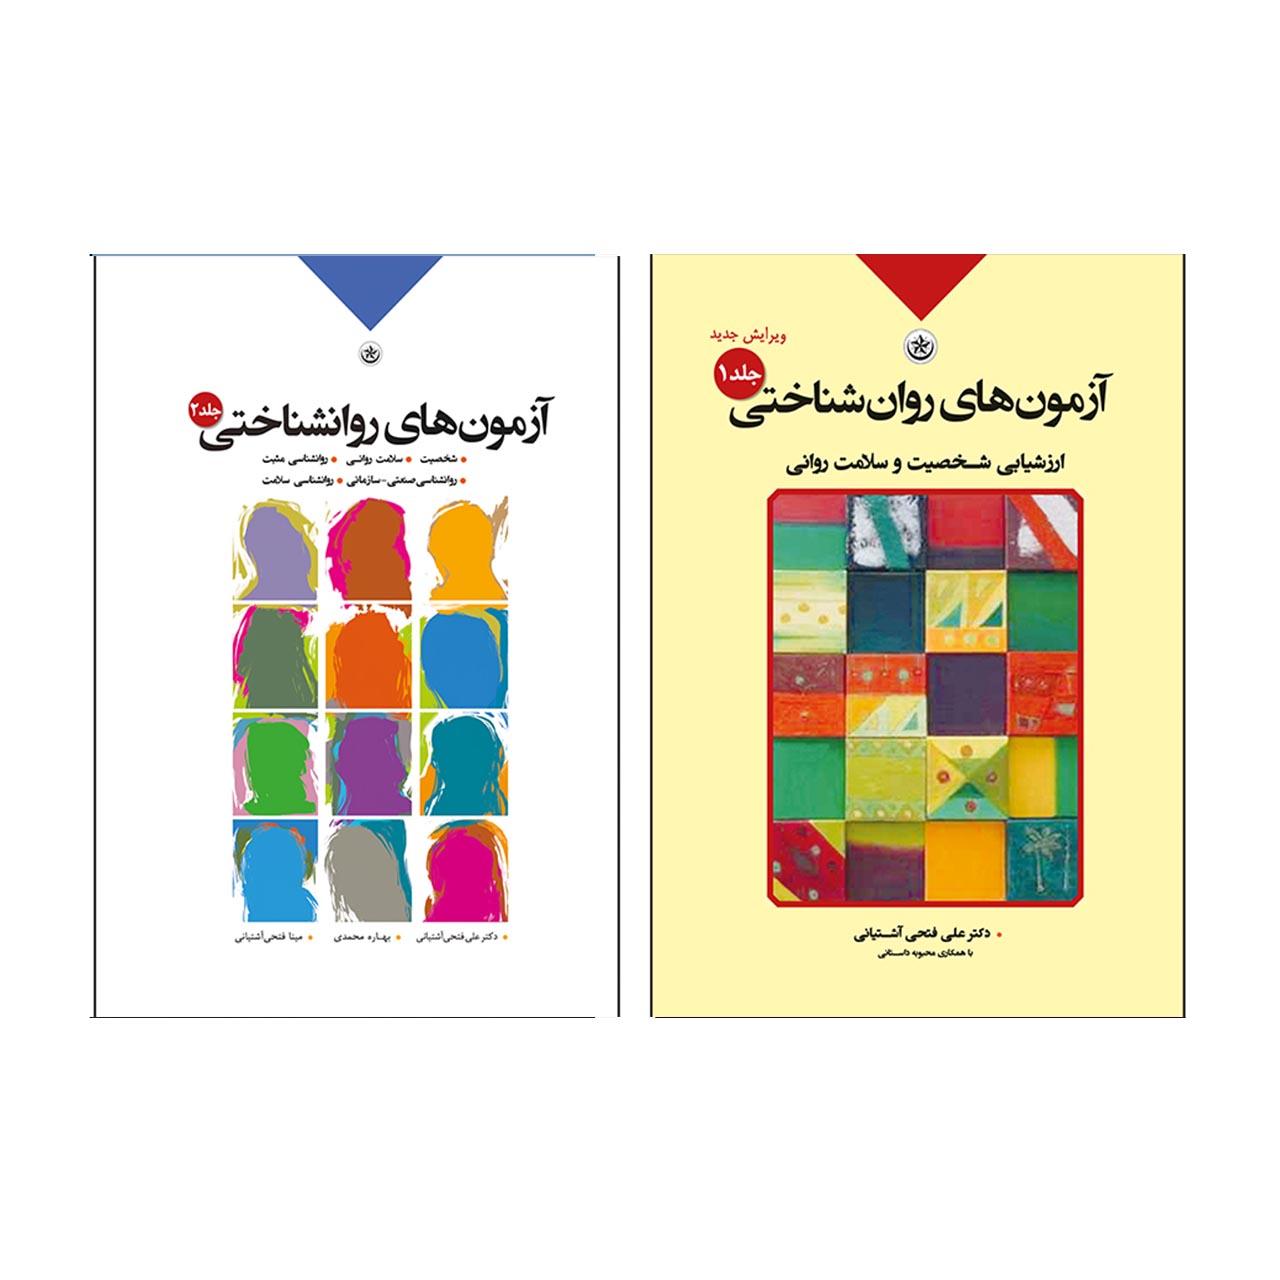 کتاب آزمون های روان شناختی اثر جمعی از نویسندگان موسسه انتشارات بعثت 2 جلدی